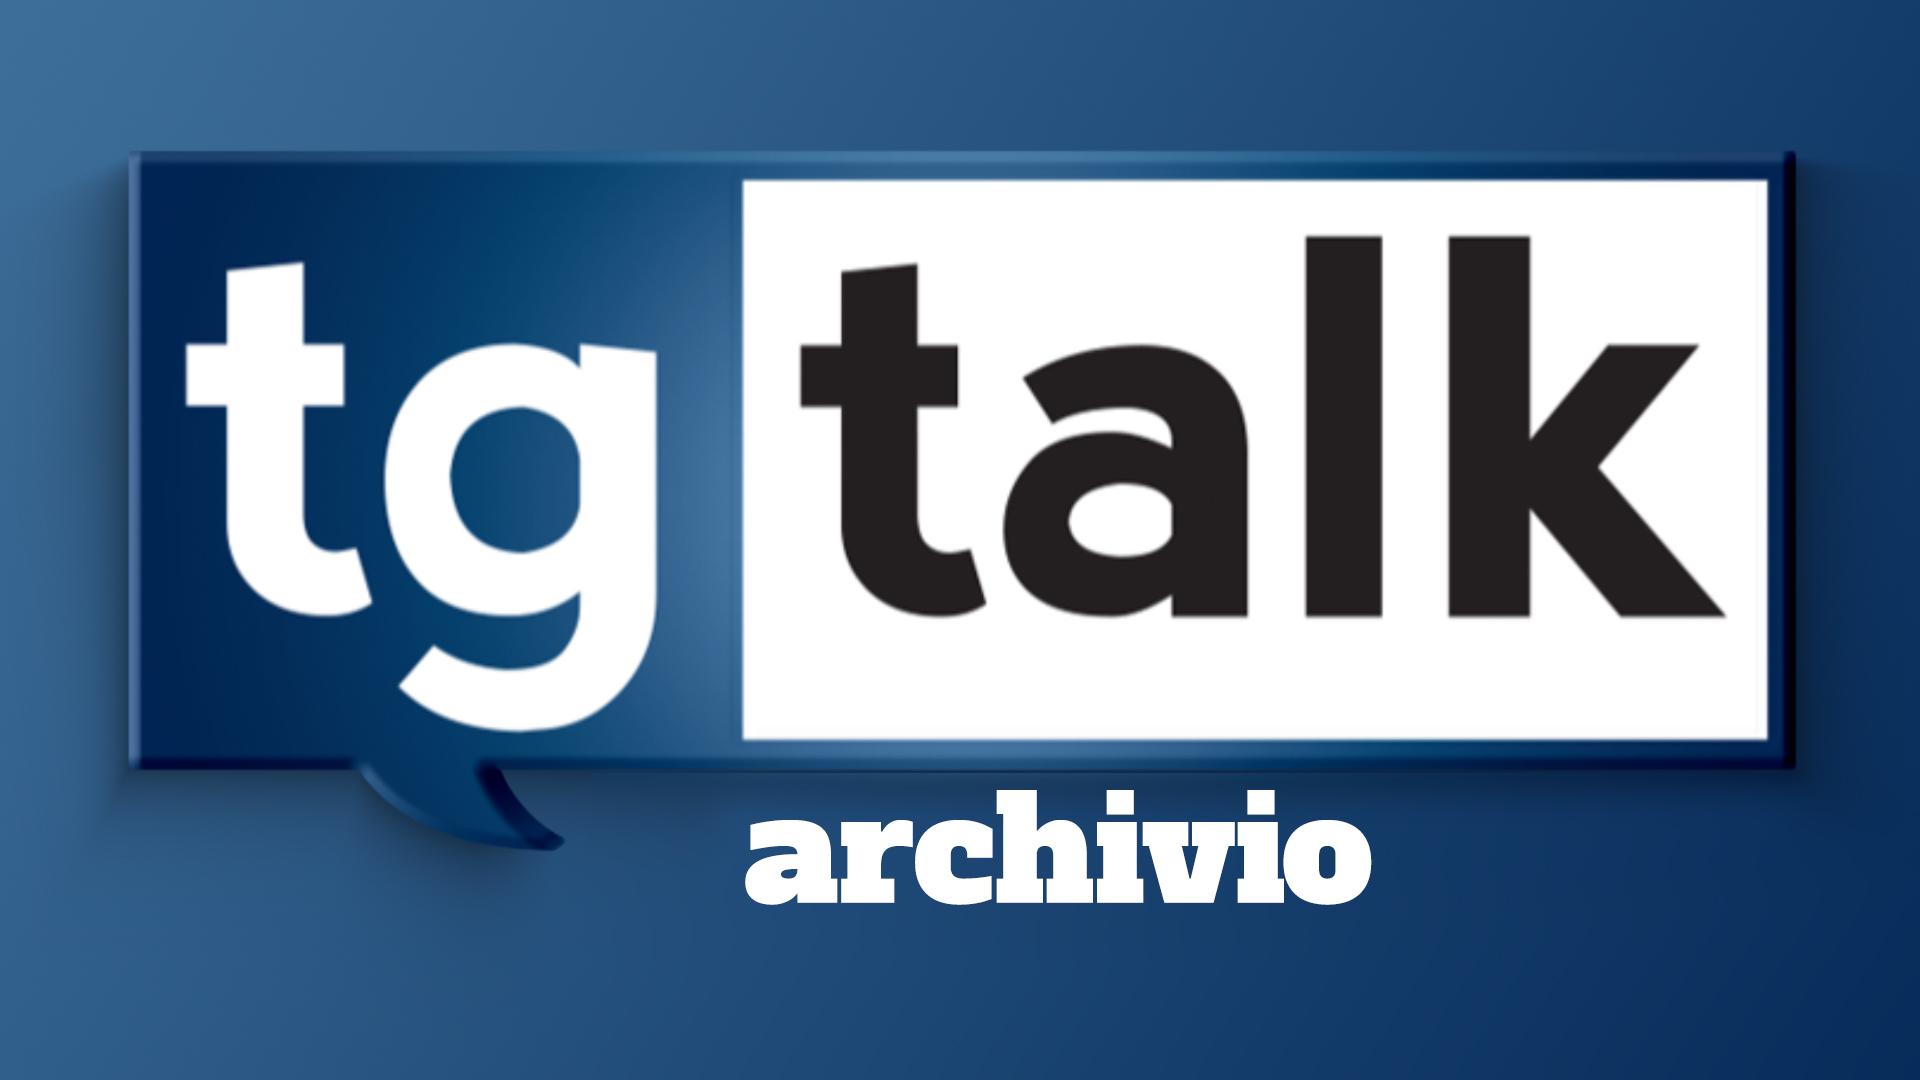 tg-talk-archivio